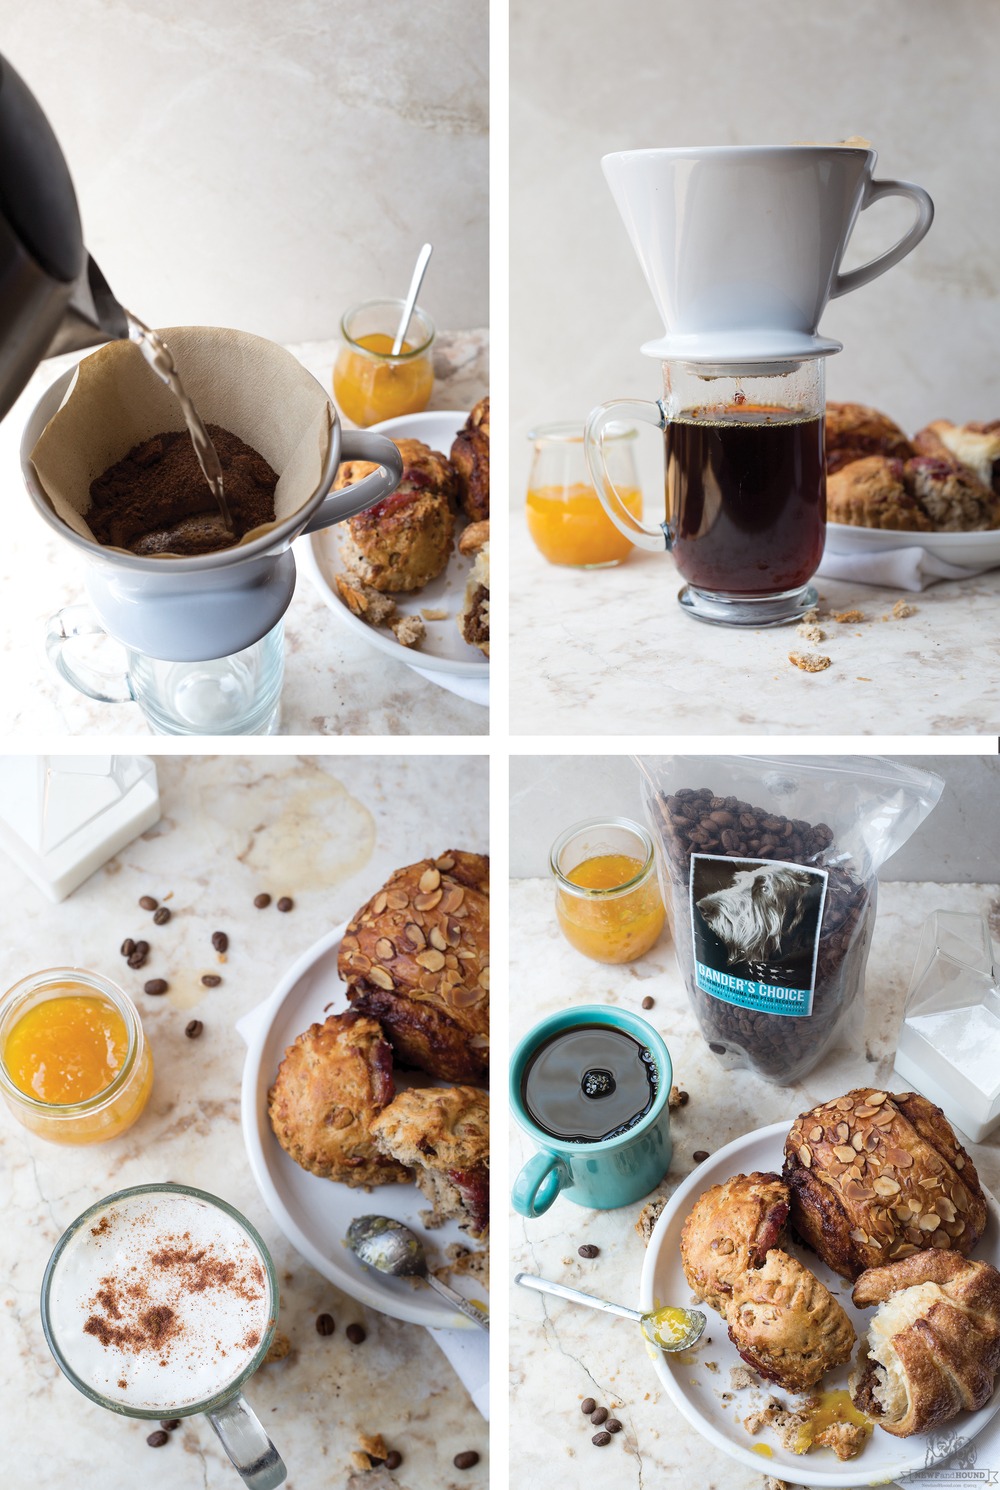 NewfandHound & Gander's Choice Coffee